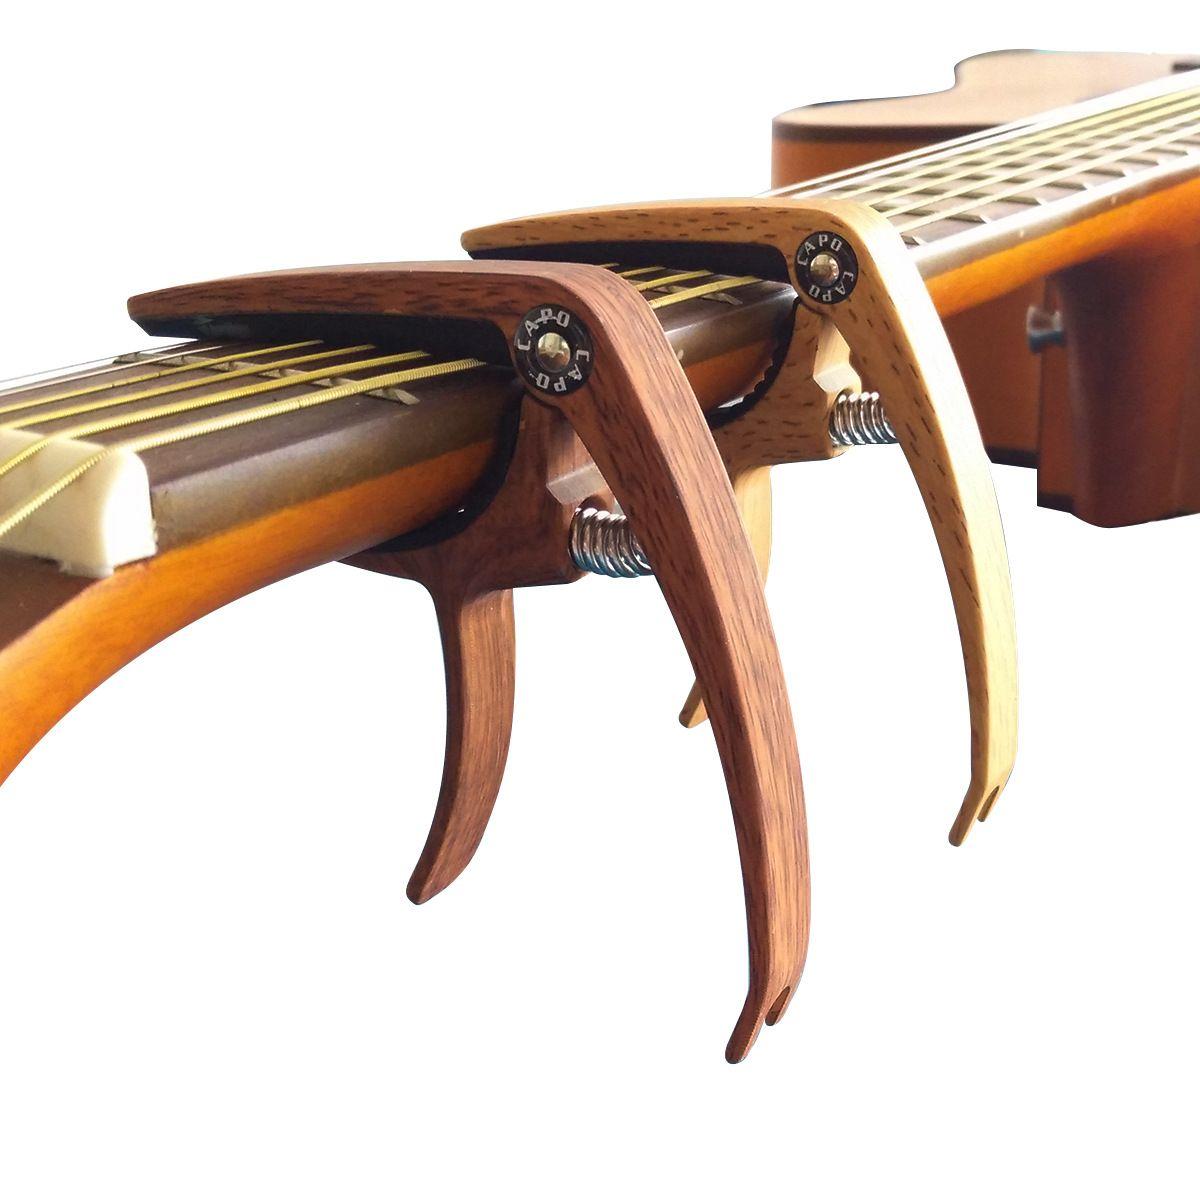 جودة عالية سبائك الزنك المشبك السريع الكلاسيكية الغيتار الكهربائي كابو صوت تعديل مفتاح لهجة